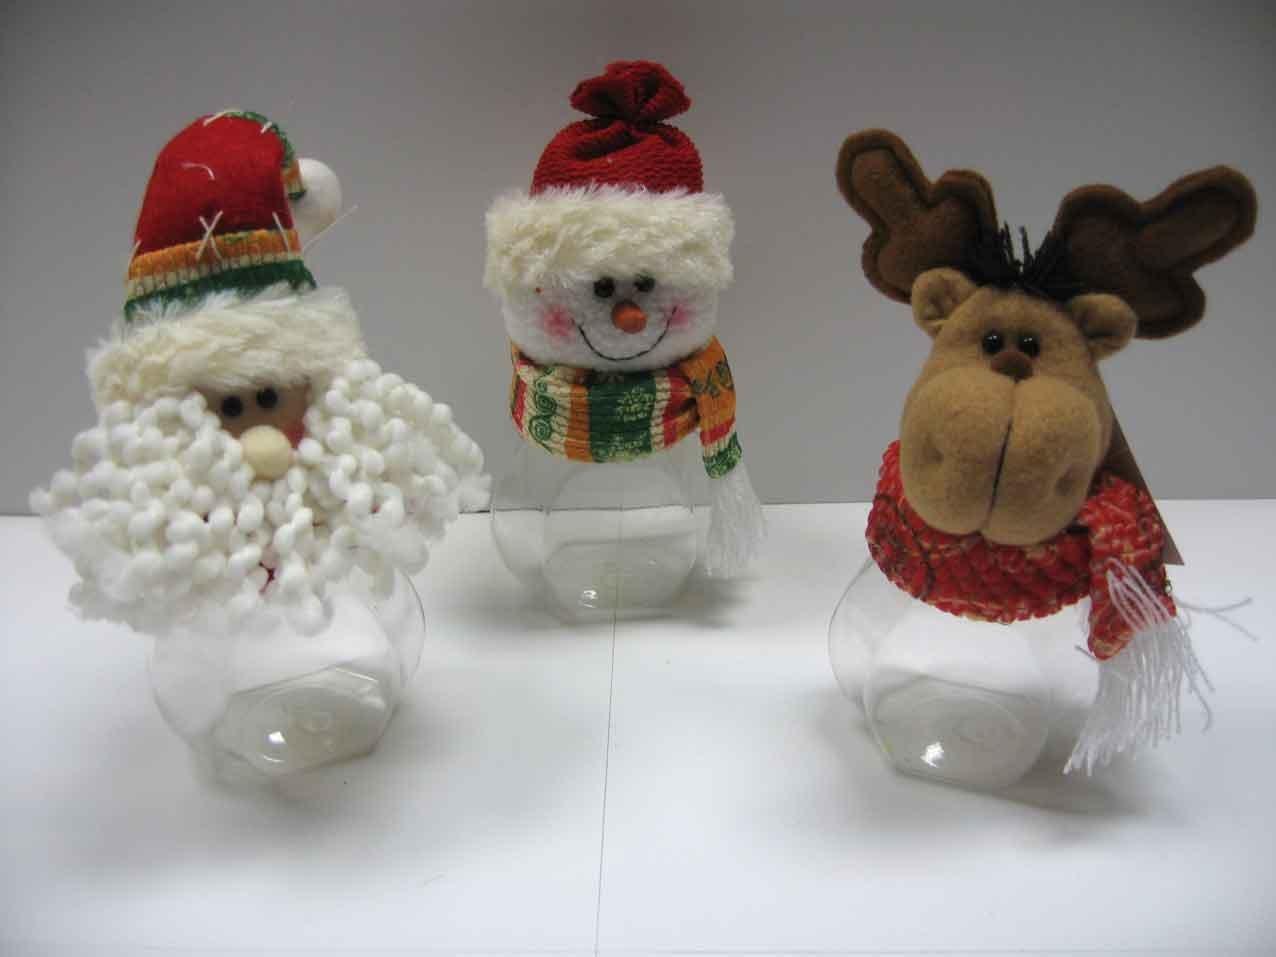 Tela decoraci n de navidad con botella de pl stico otros for Adornos navidenos hechos con botellas plasticas